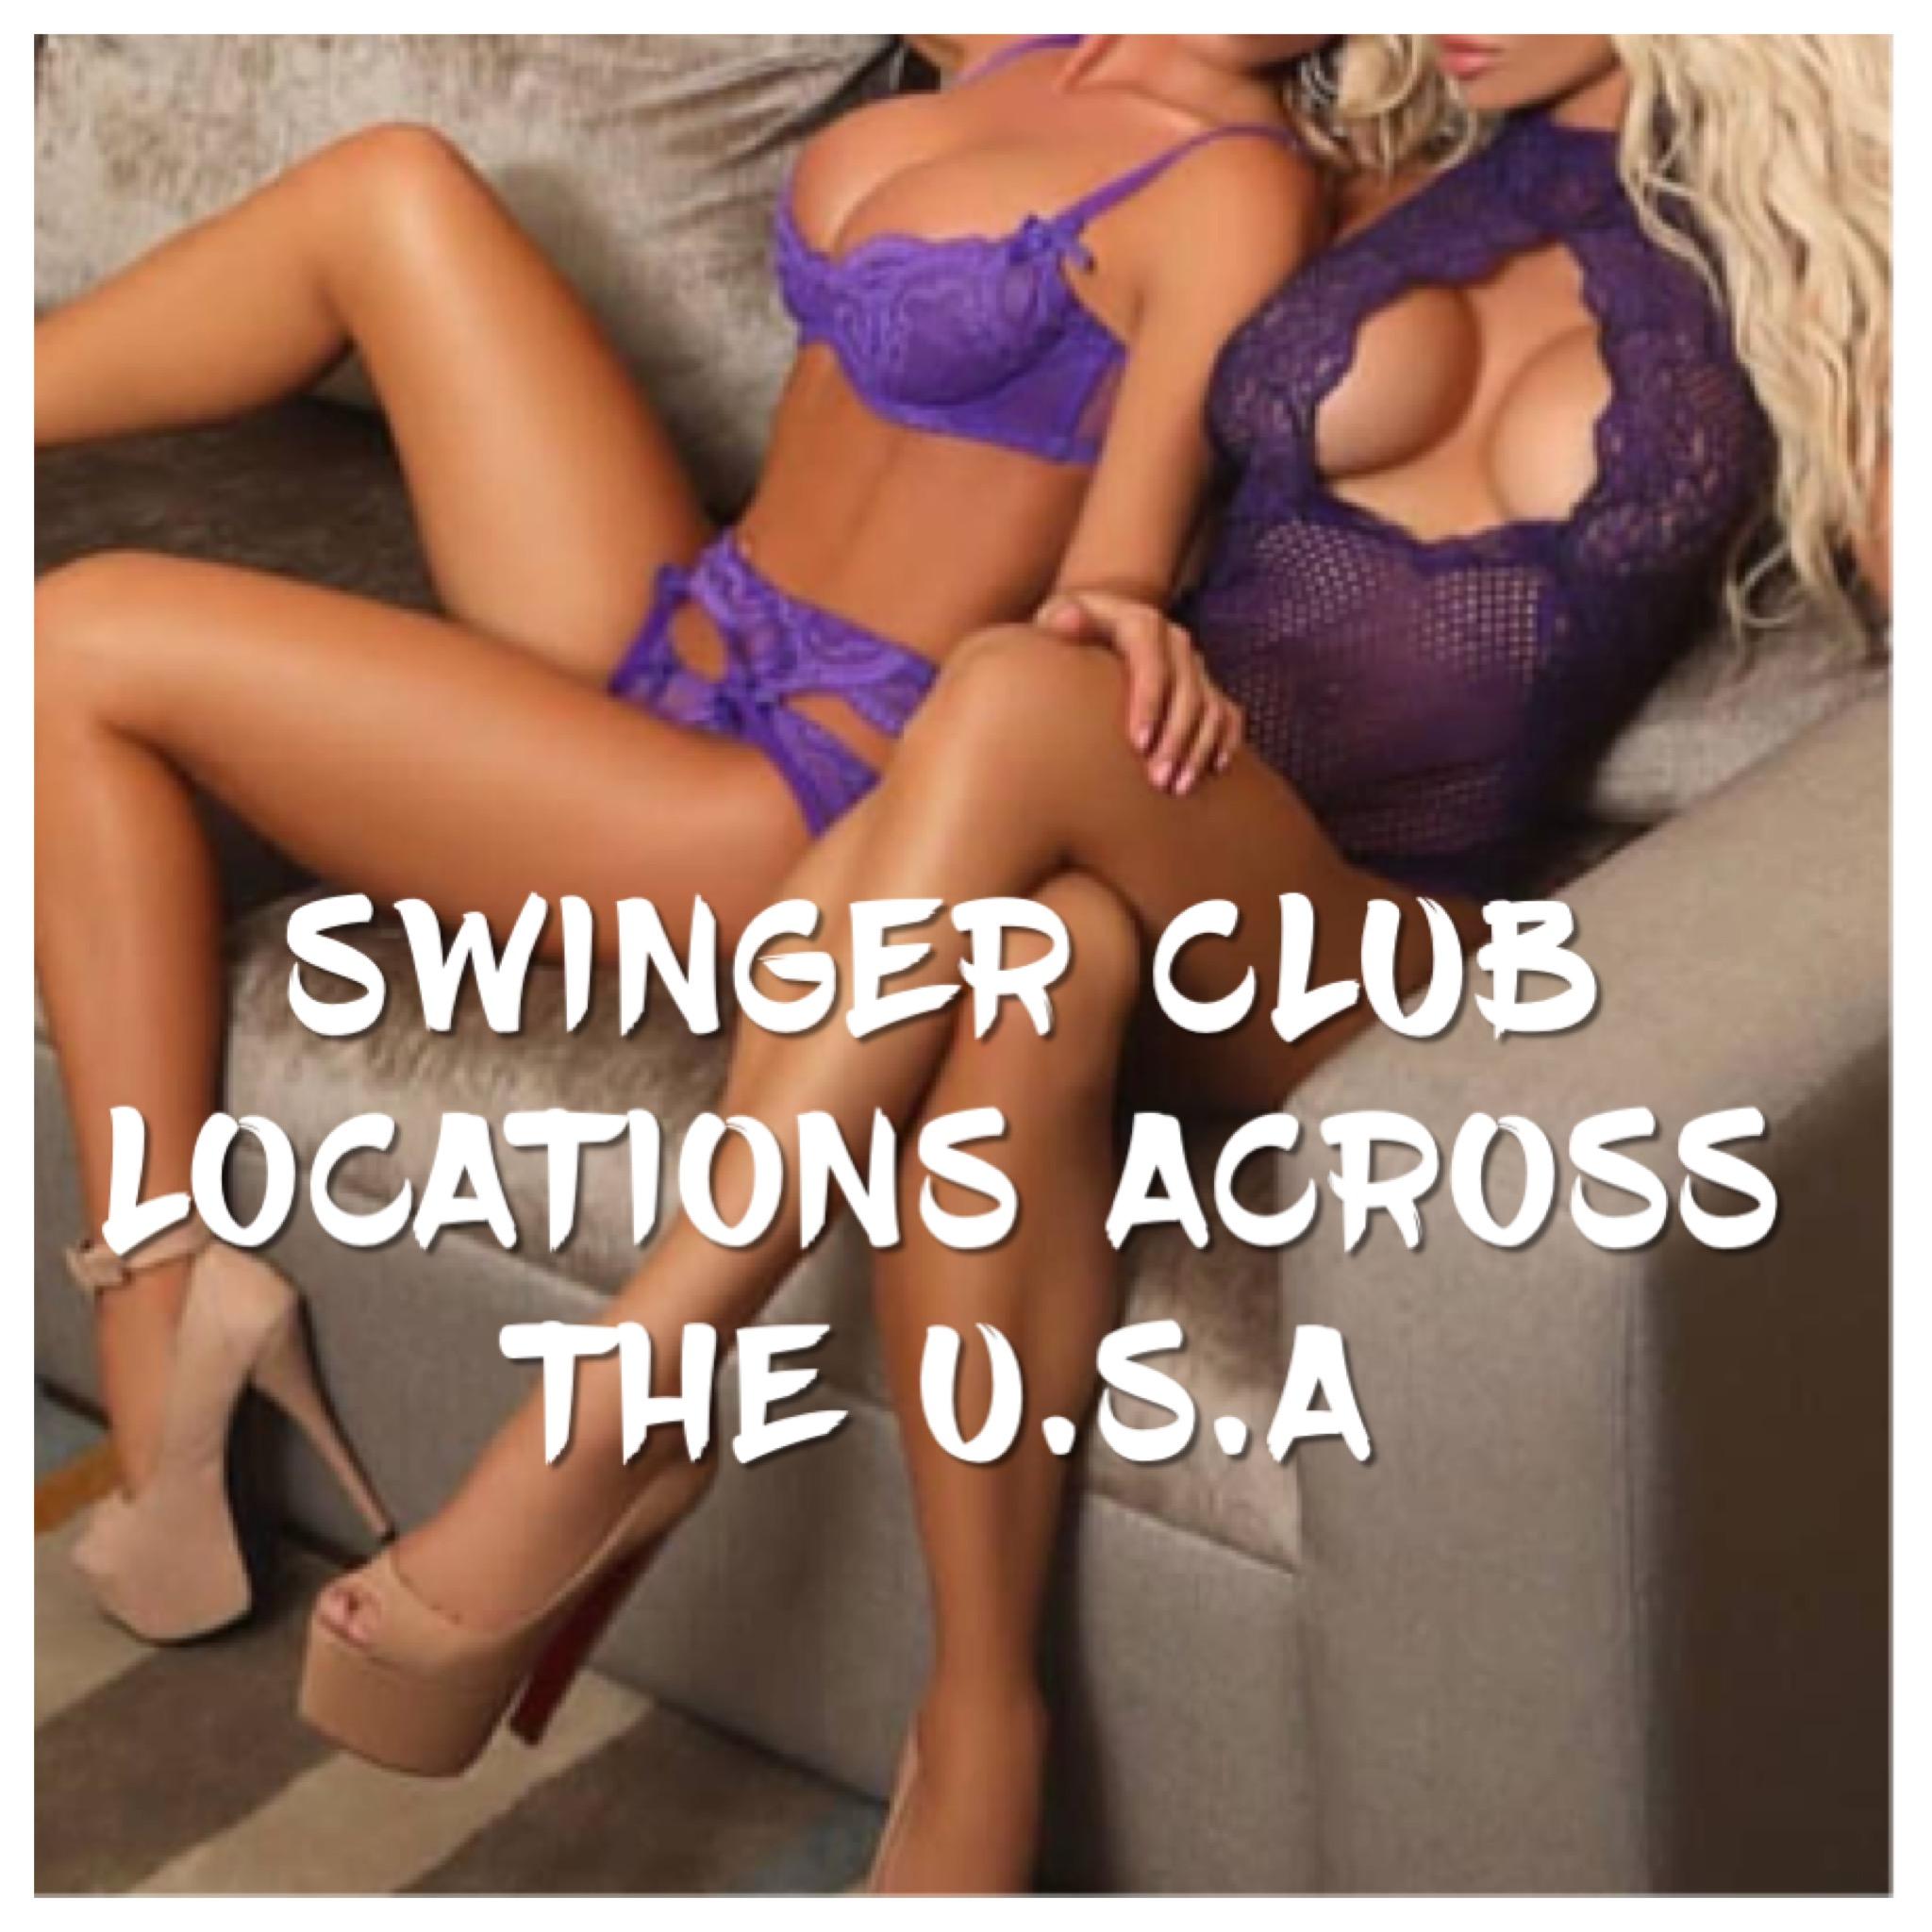 ミズーリ州のスインガークラブ